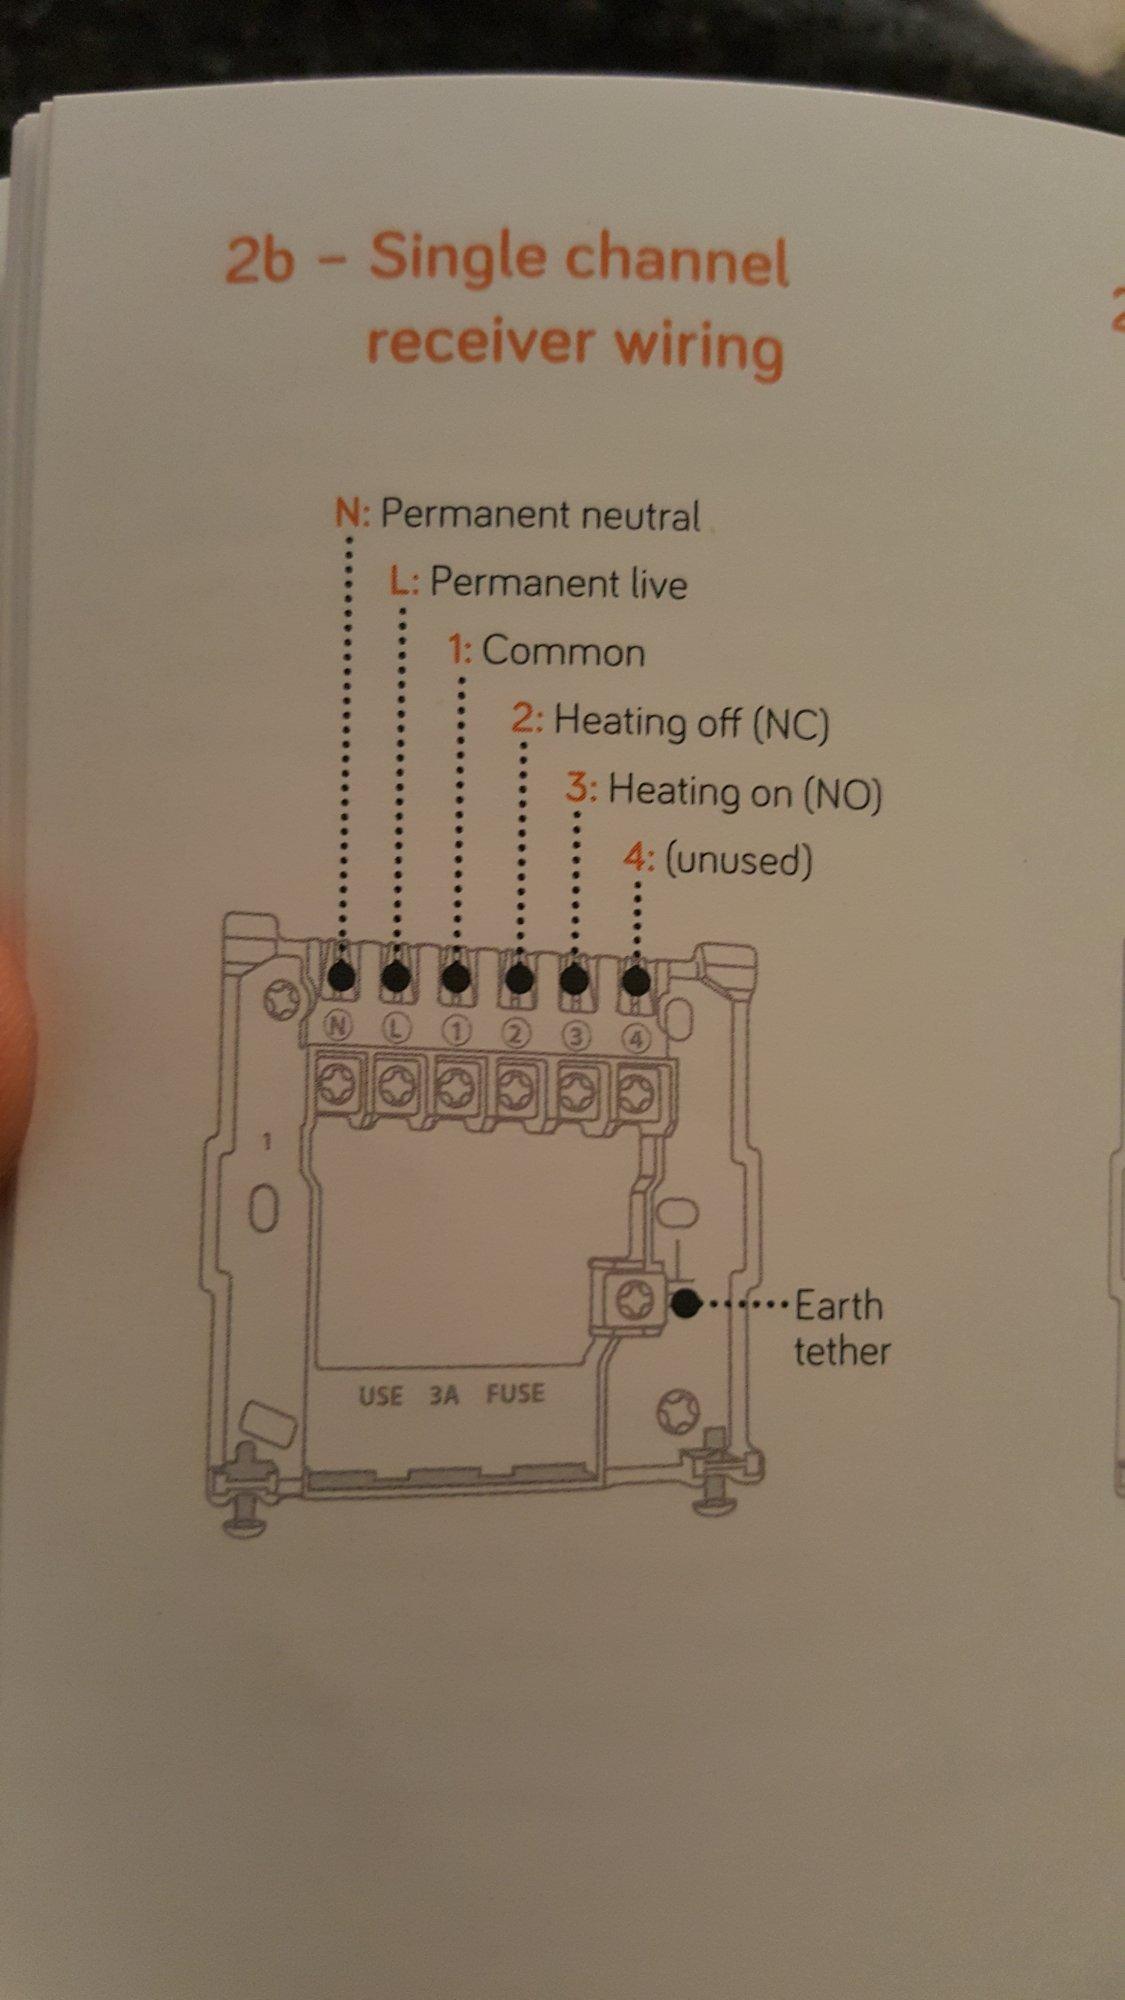 Xk 5643 Honeywell Thermostat Wiring Diagram Viessmann